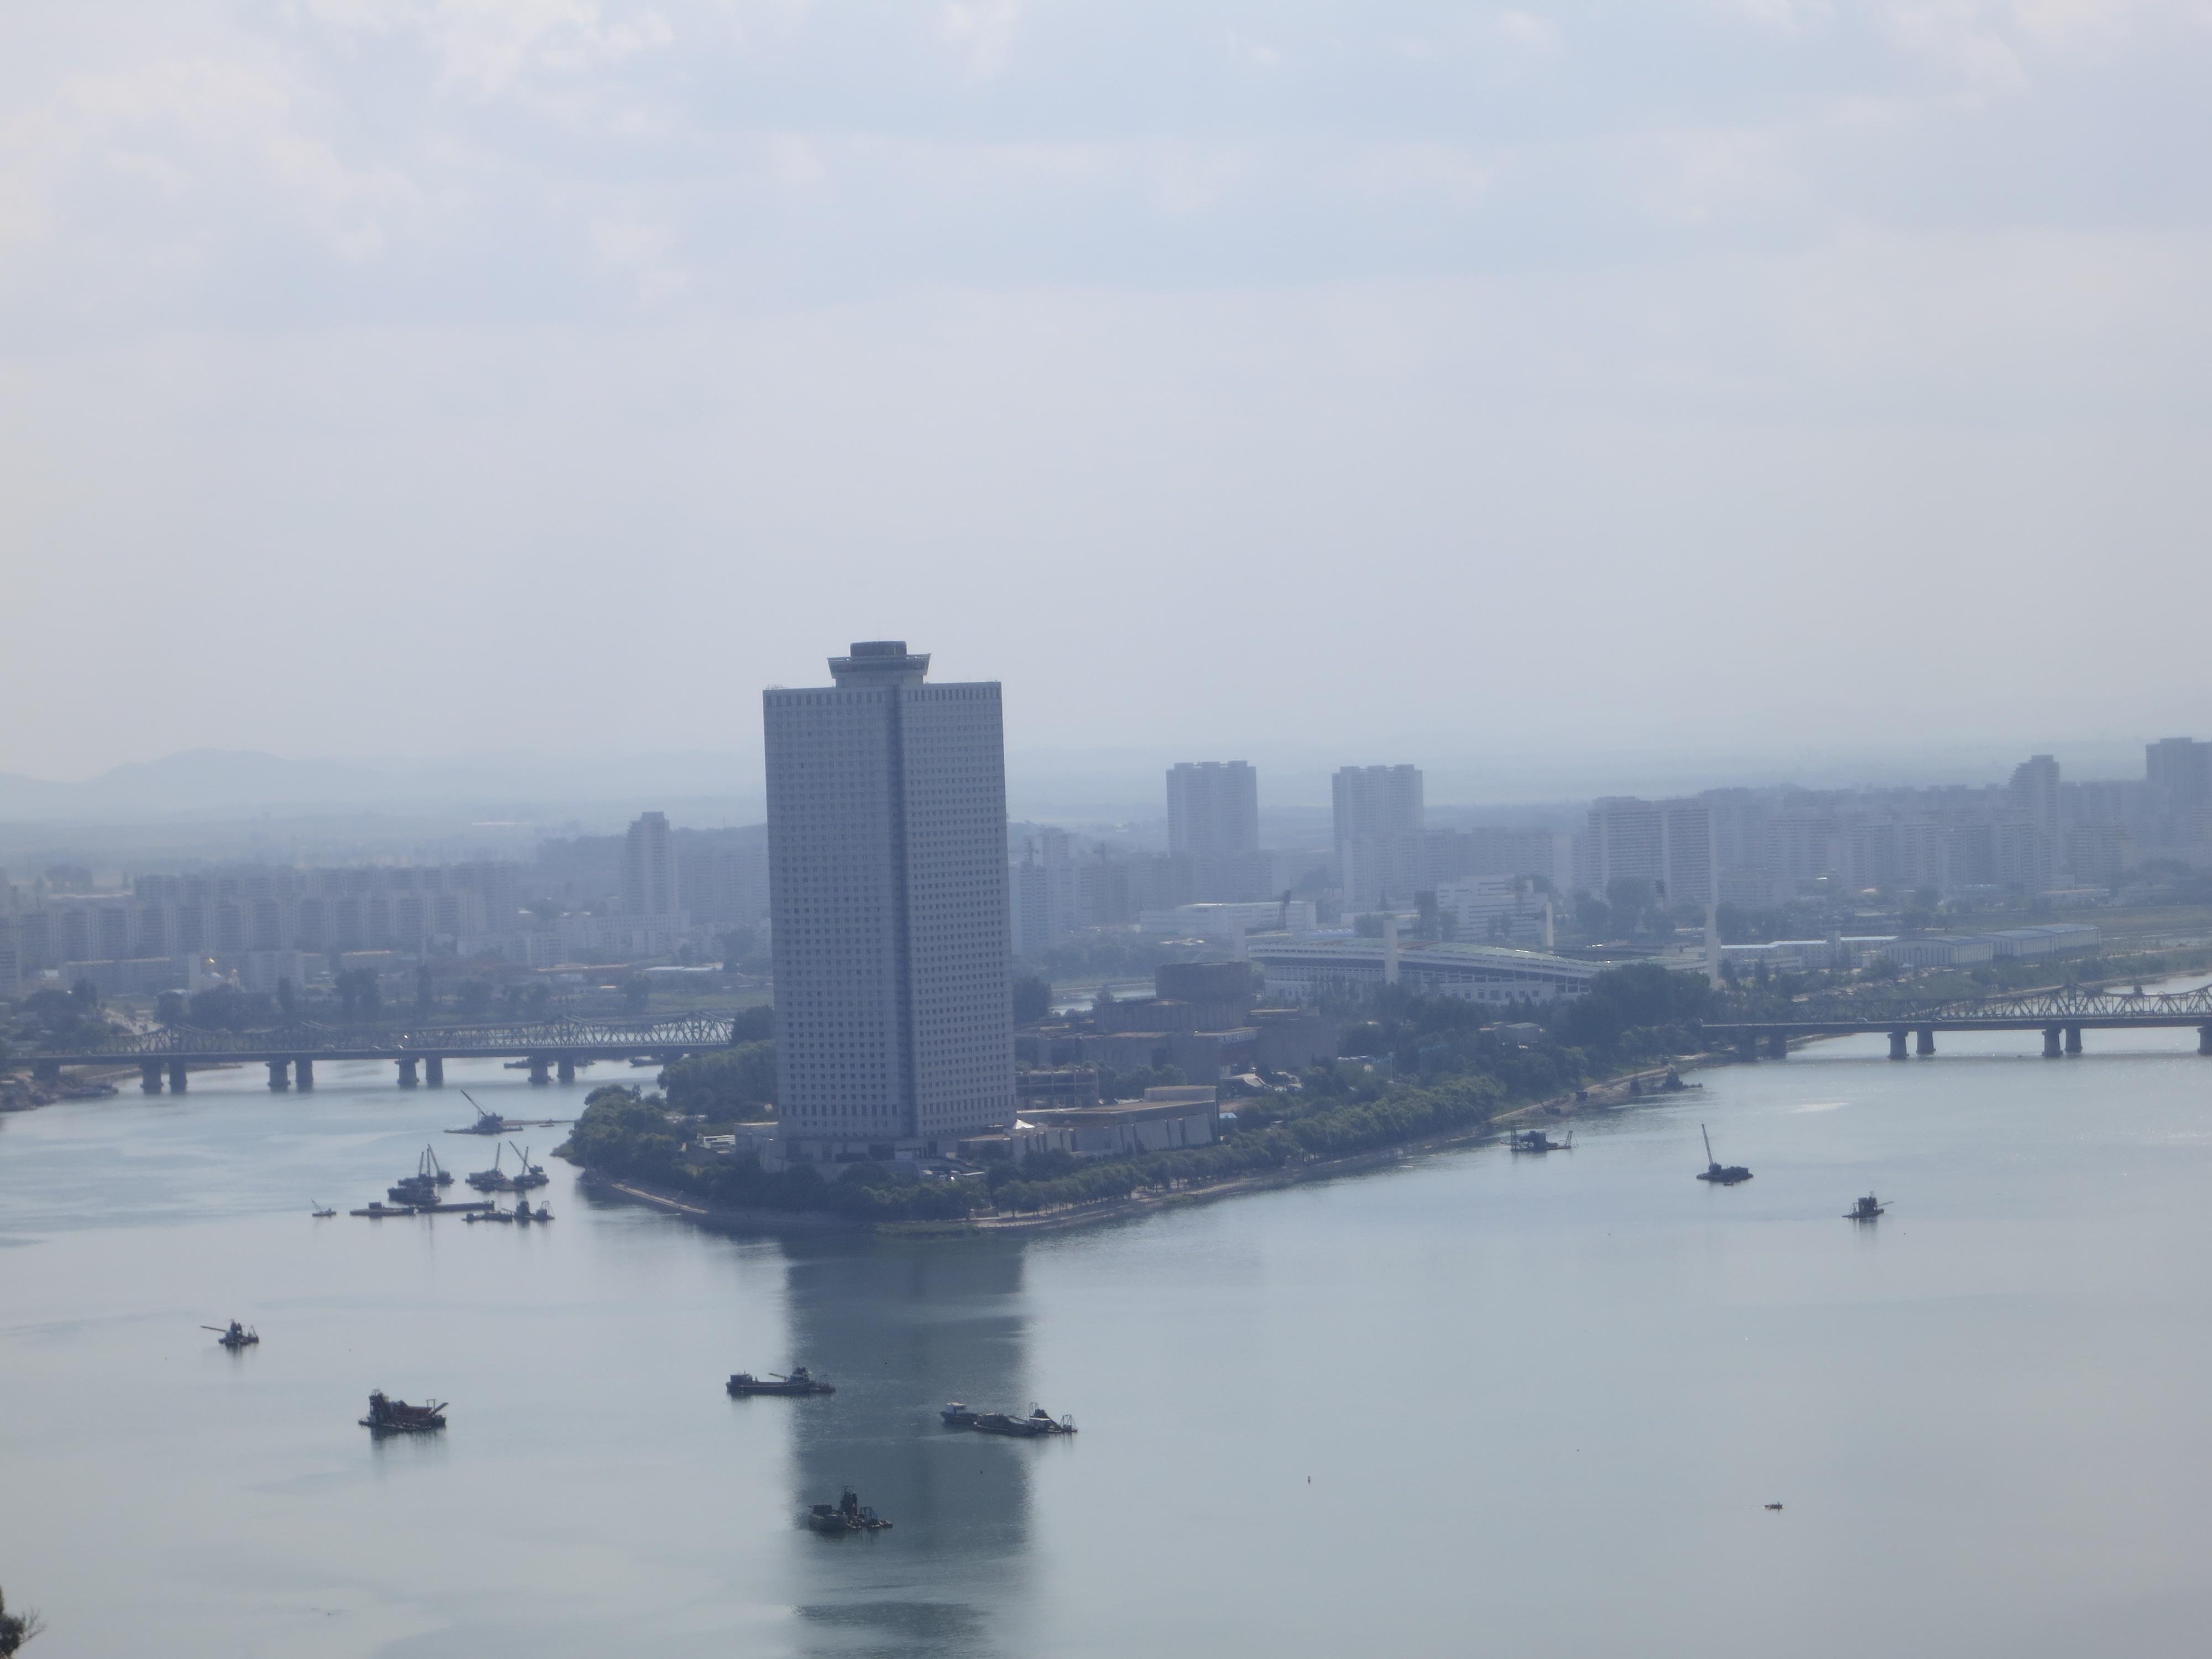 Vue sur Pyongyang, capitale de la Corée du Nord. Photo : Olivier Racine